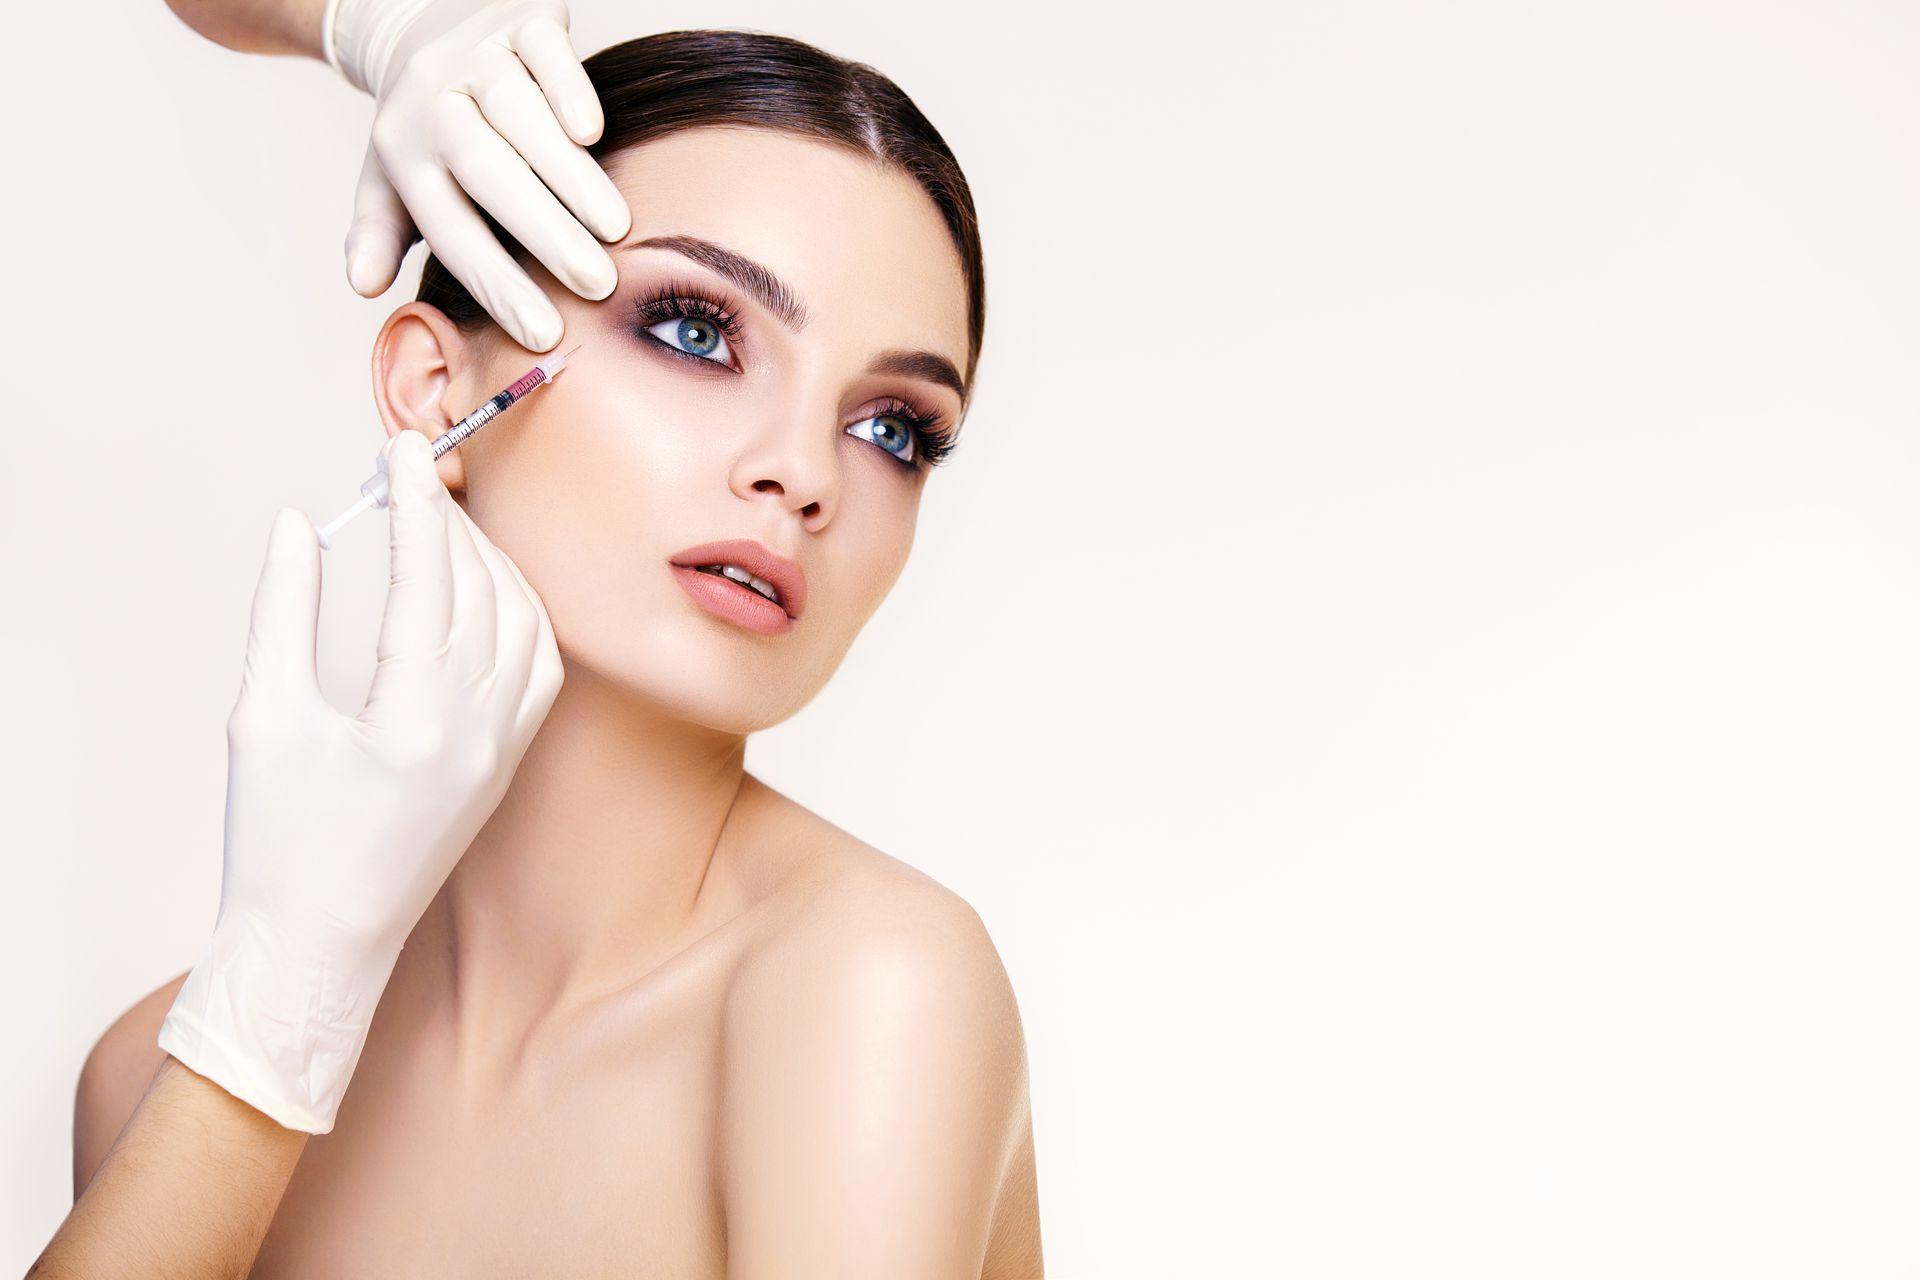 Podawanie kwasu hialuronowego kobieca twarz